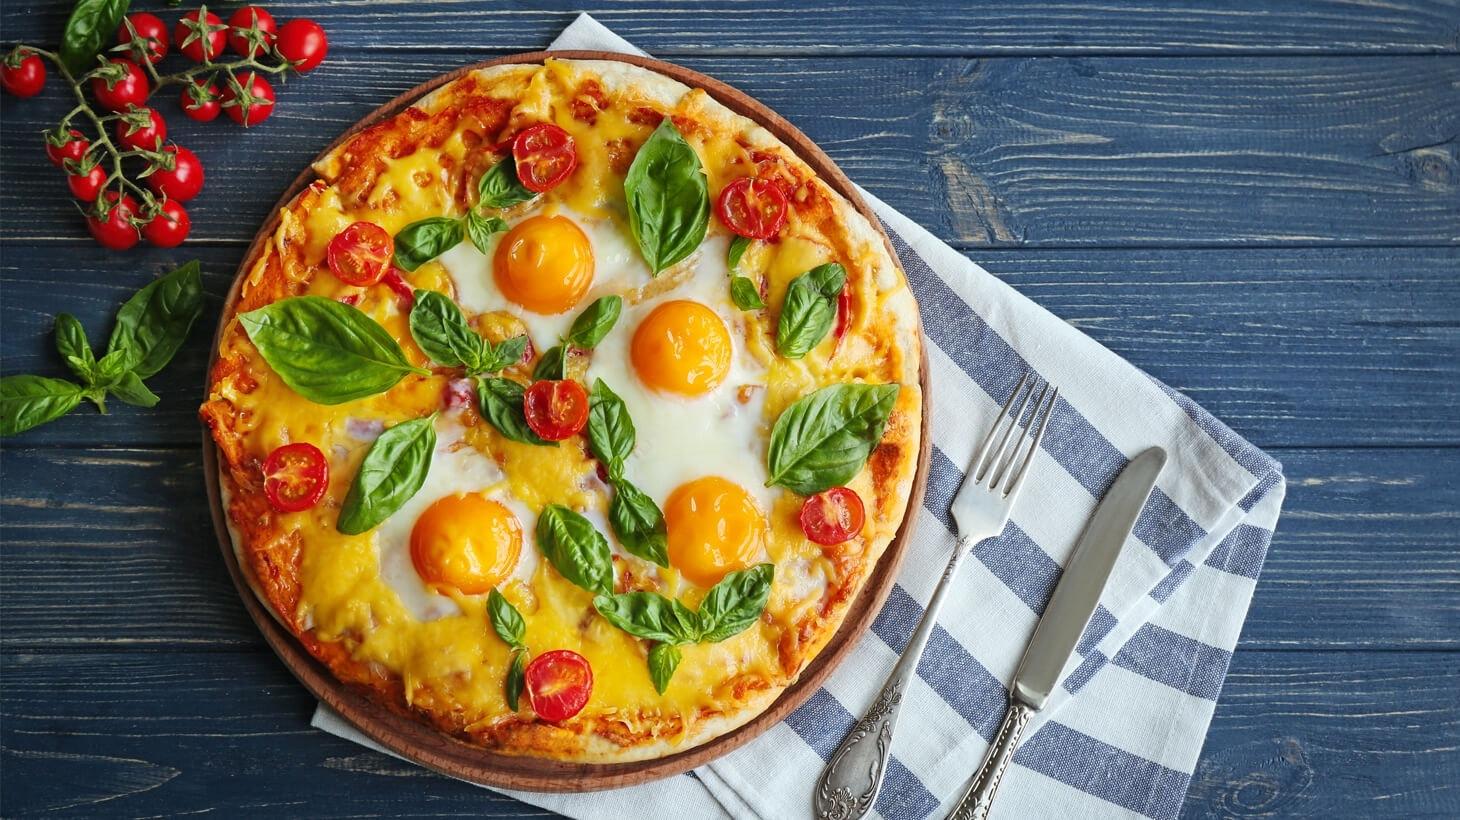 Pizza aufwärmen - so bleibt sie frisch und knusprig